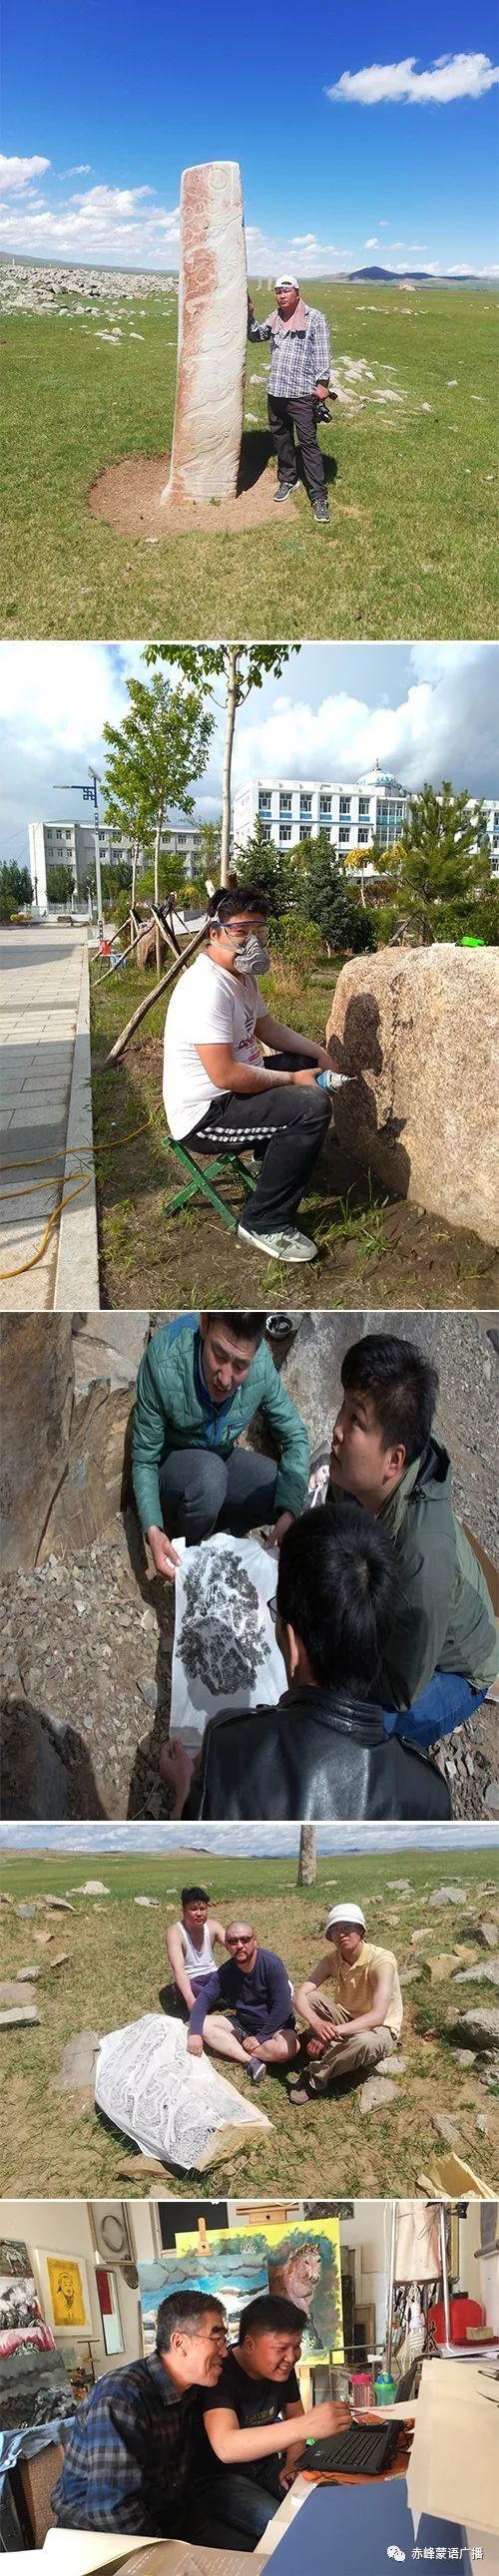 【音频】《赤峰蒙古族书法家》系列采访 (27) 第2张